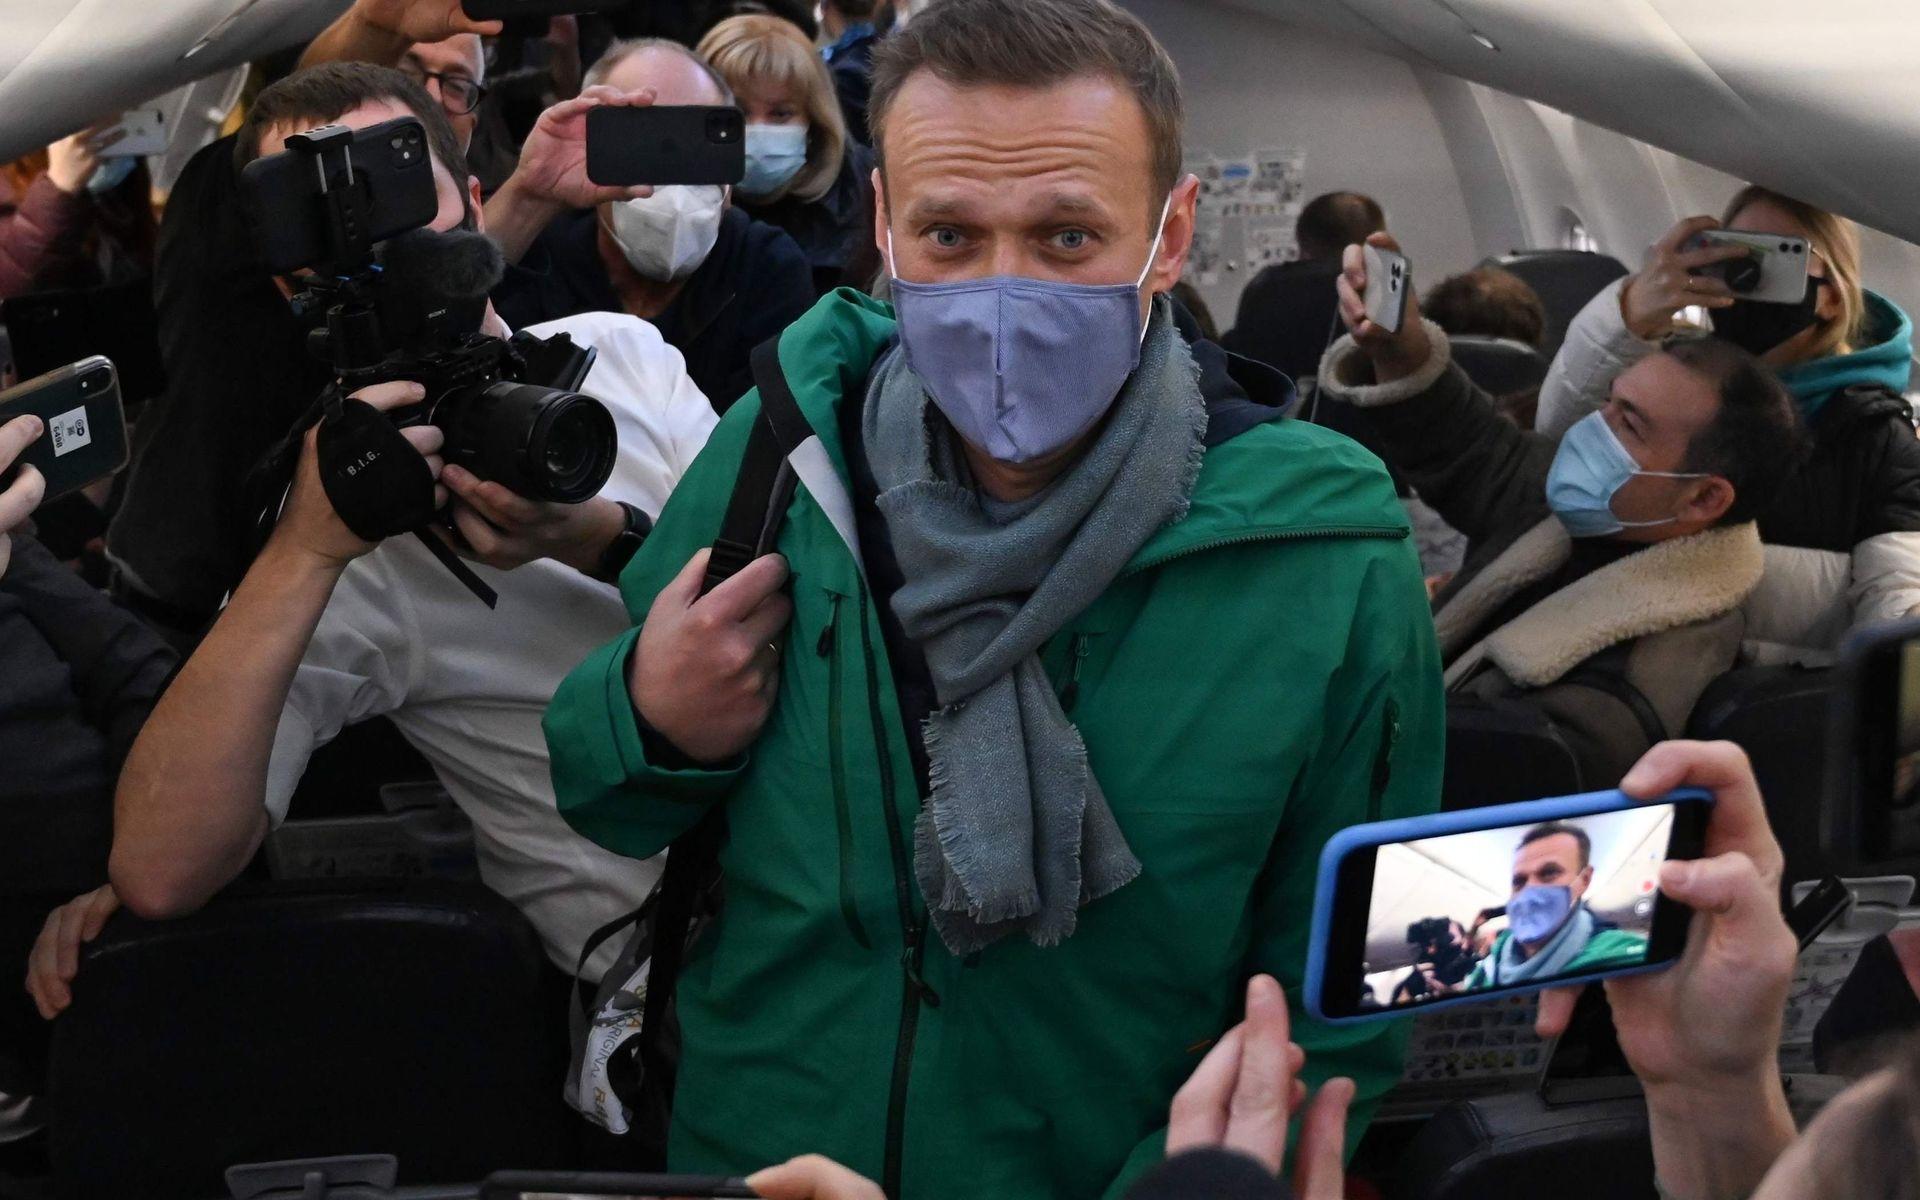 Так сажают первое лицо страны». Навального приземлили в Шереметьеве —  авиаэксперт Вадим Лукашевич оценил задержки и задержания в аэропортах